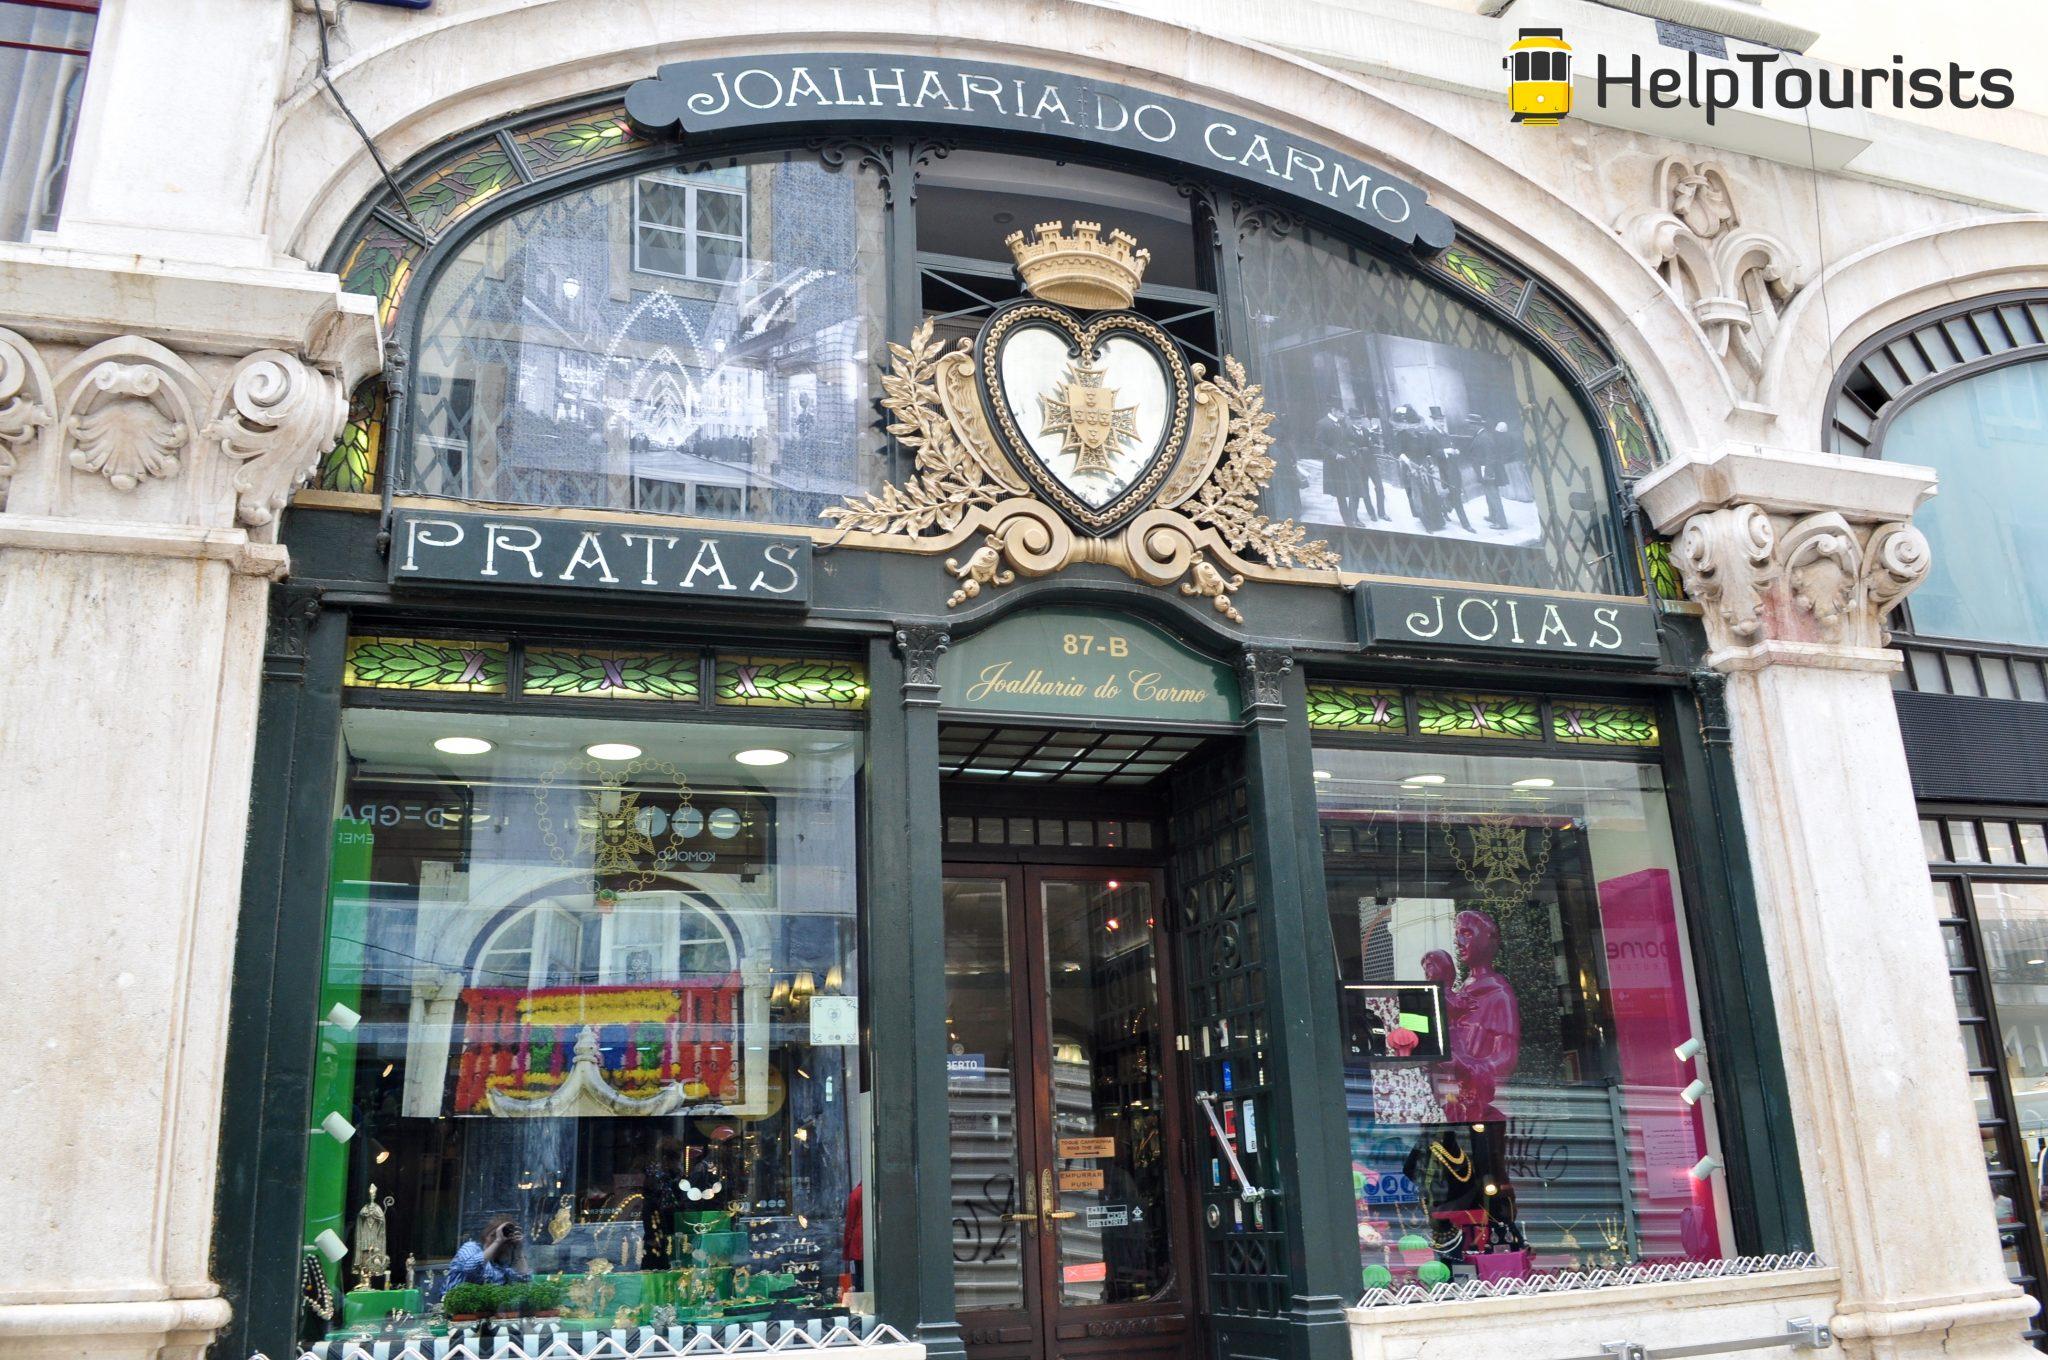 Lissabon Shopping in Chiado